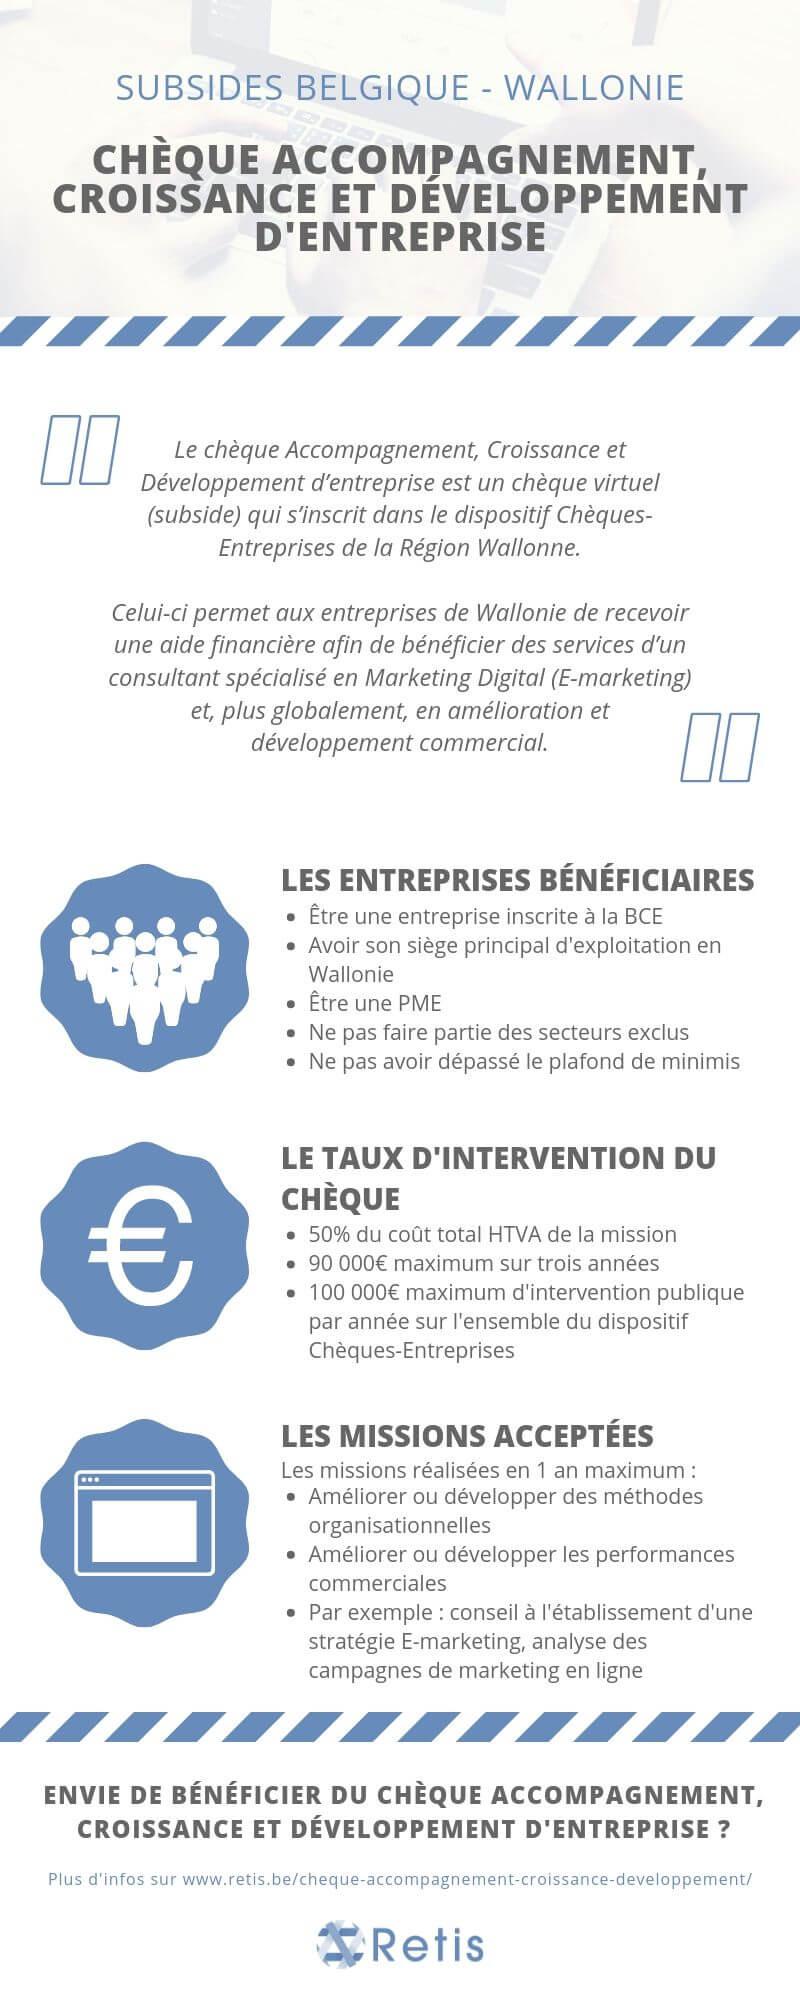 Infographie de présentation du Chèque Accompagnement Croissance et Développement du dispositif Chèques-Entreprises de la Région Wallonnie